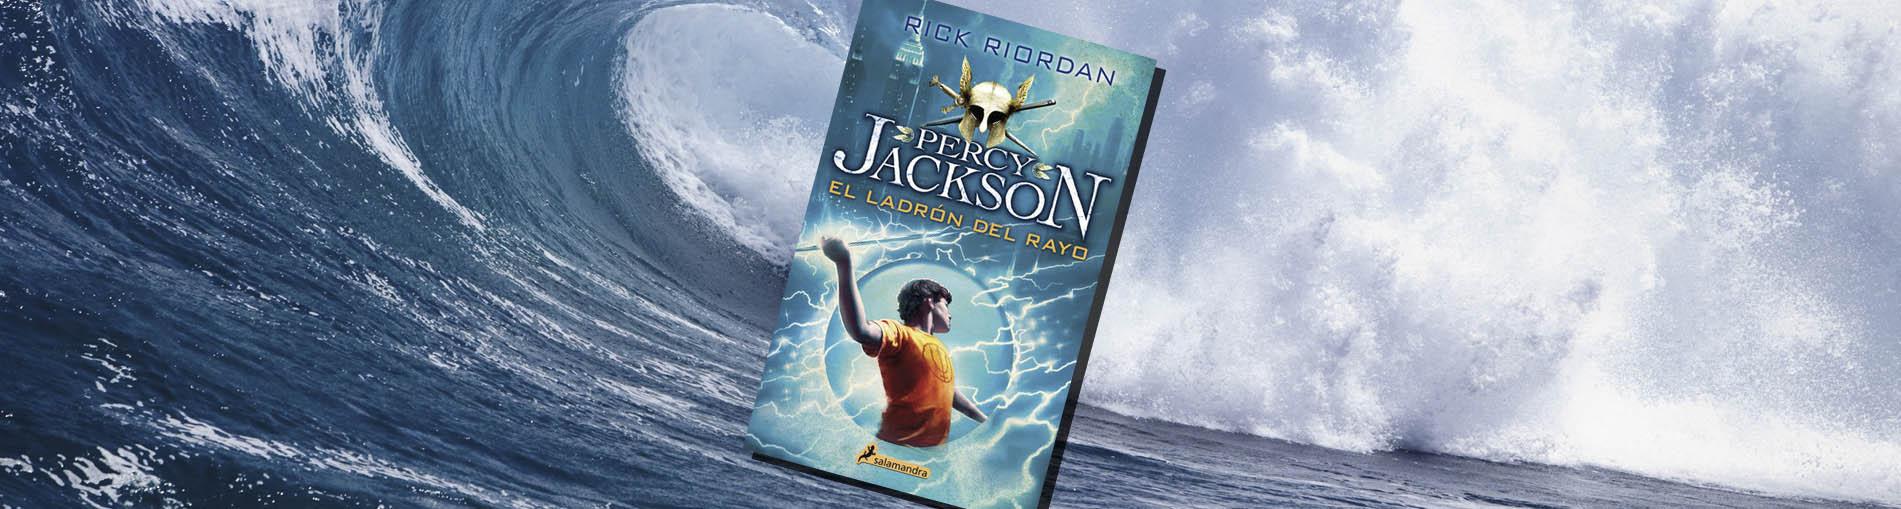 Contenido del artículo. 1 Ficha técnica; 2 Sinopsis del libro Percy Jackson  y el ladrón del rayo ...